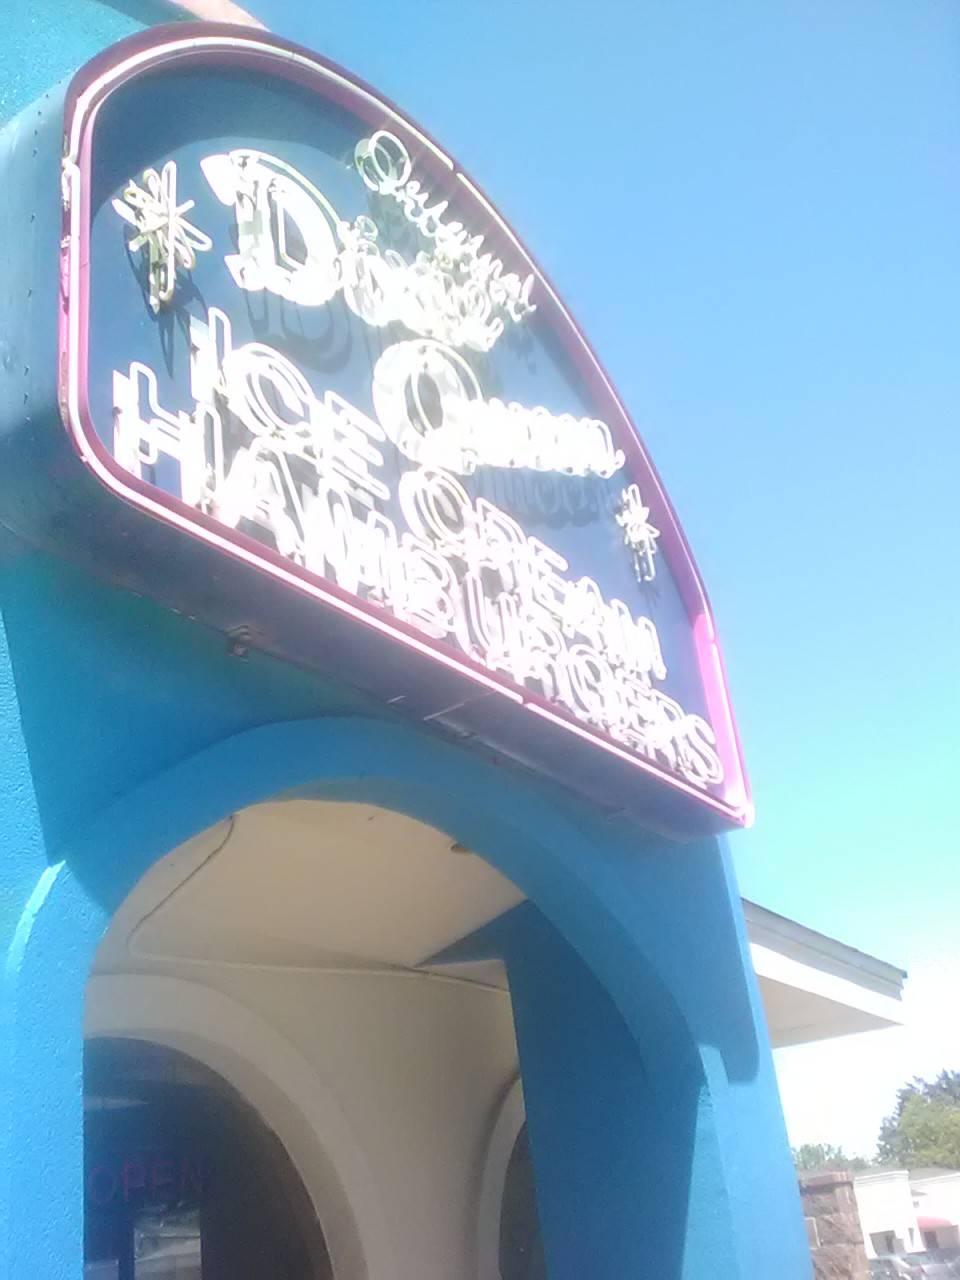 Dixie Queen | restaurant | 1472 E Shelby Dr, Memphis, TN 38116, USA | 9013378816 OR +1 901-337-8816